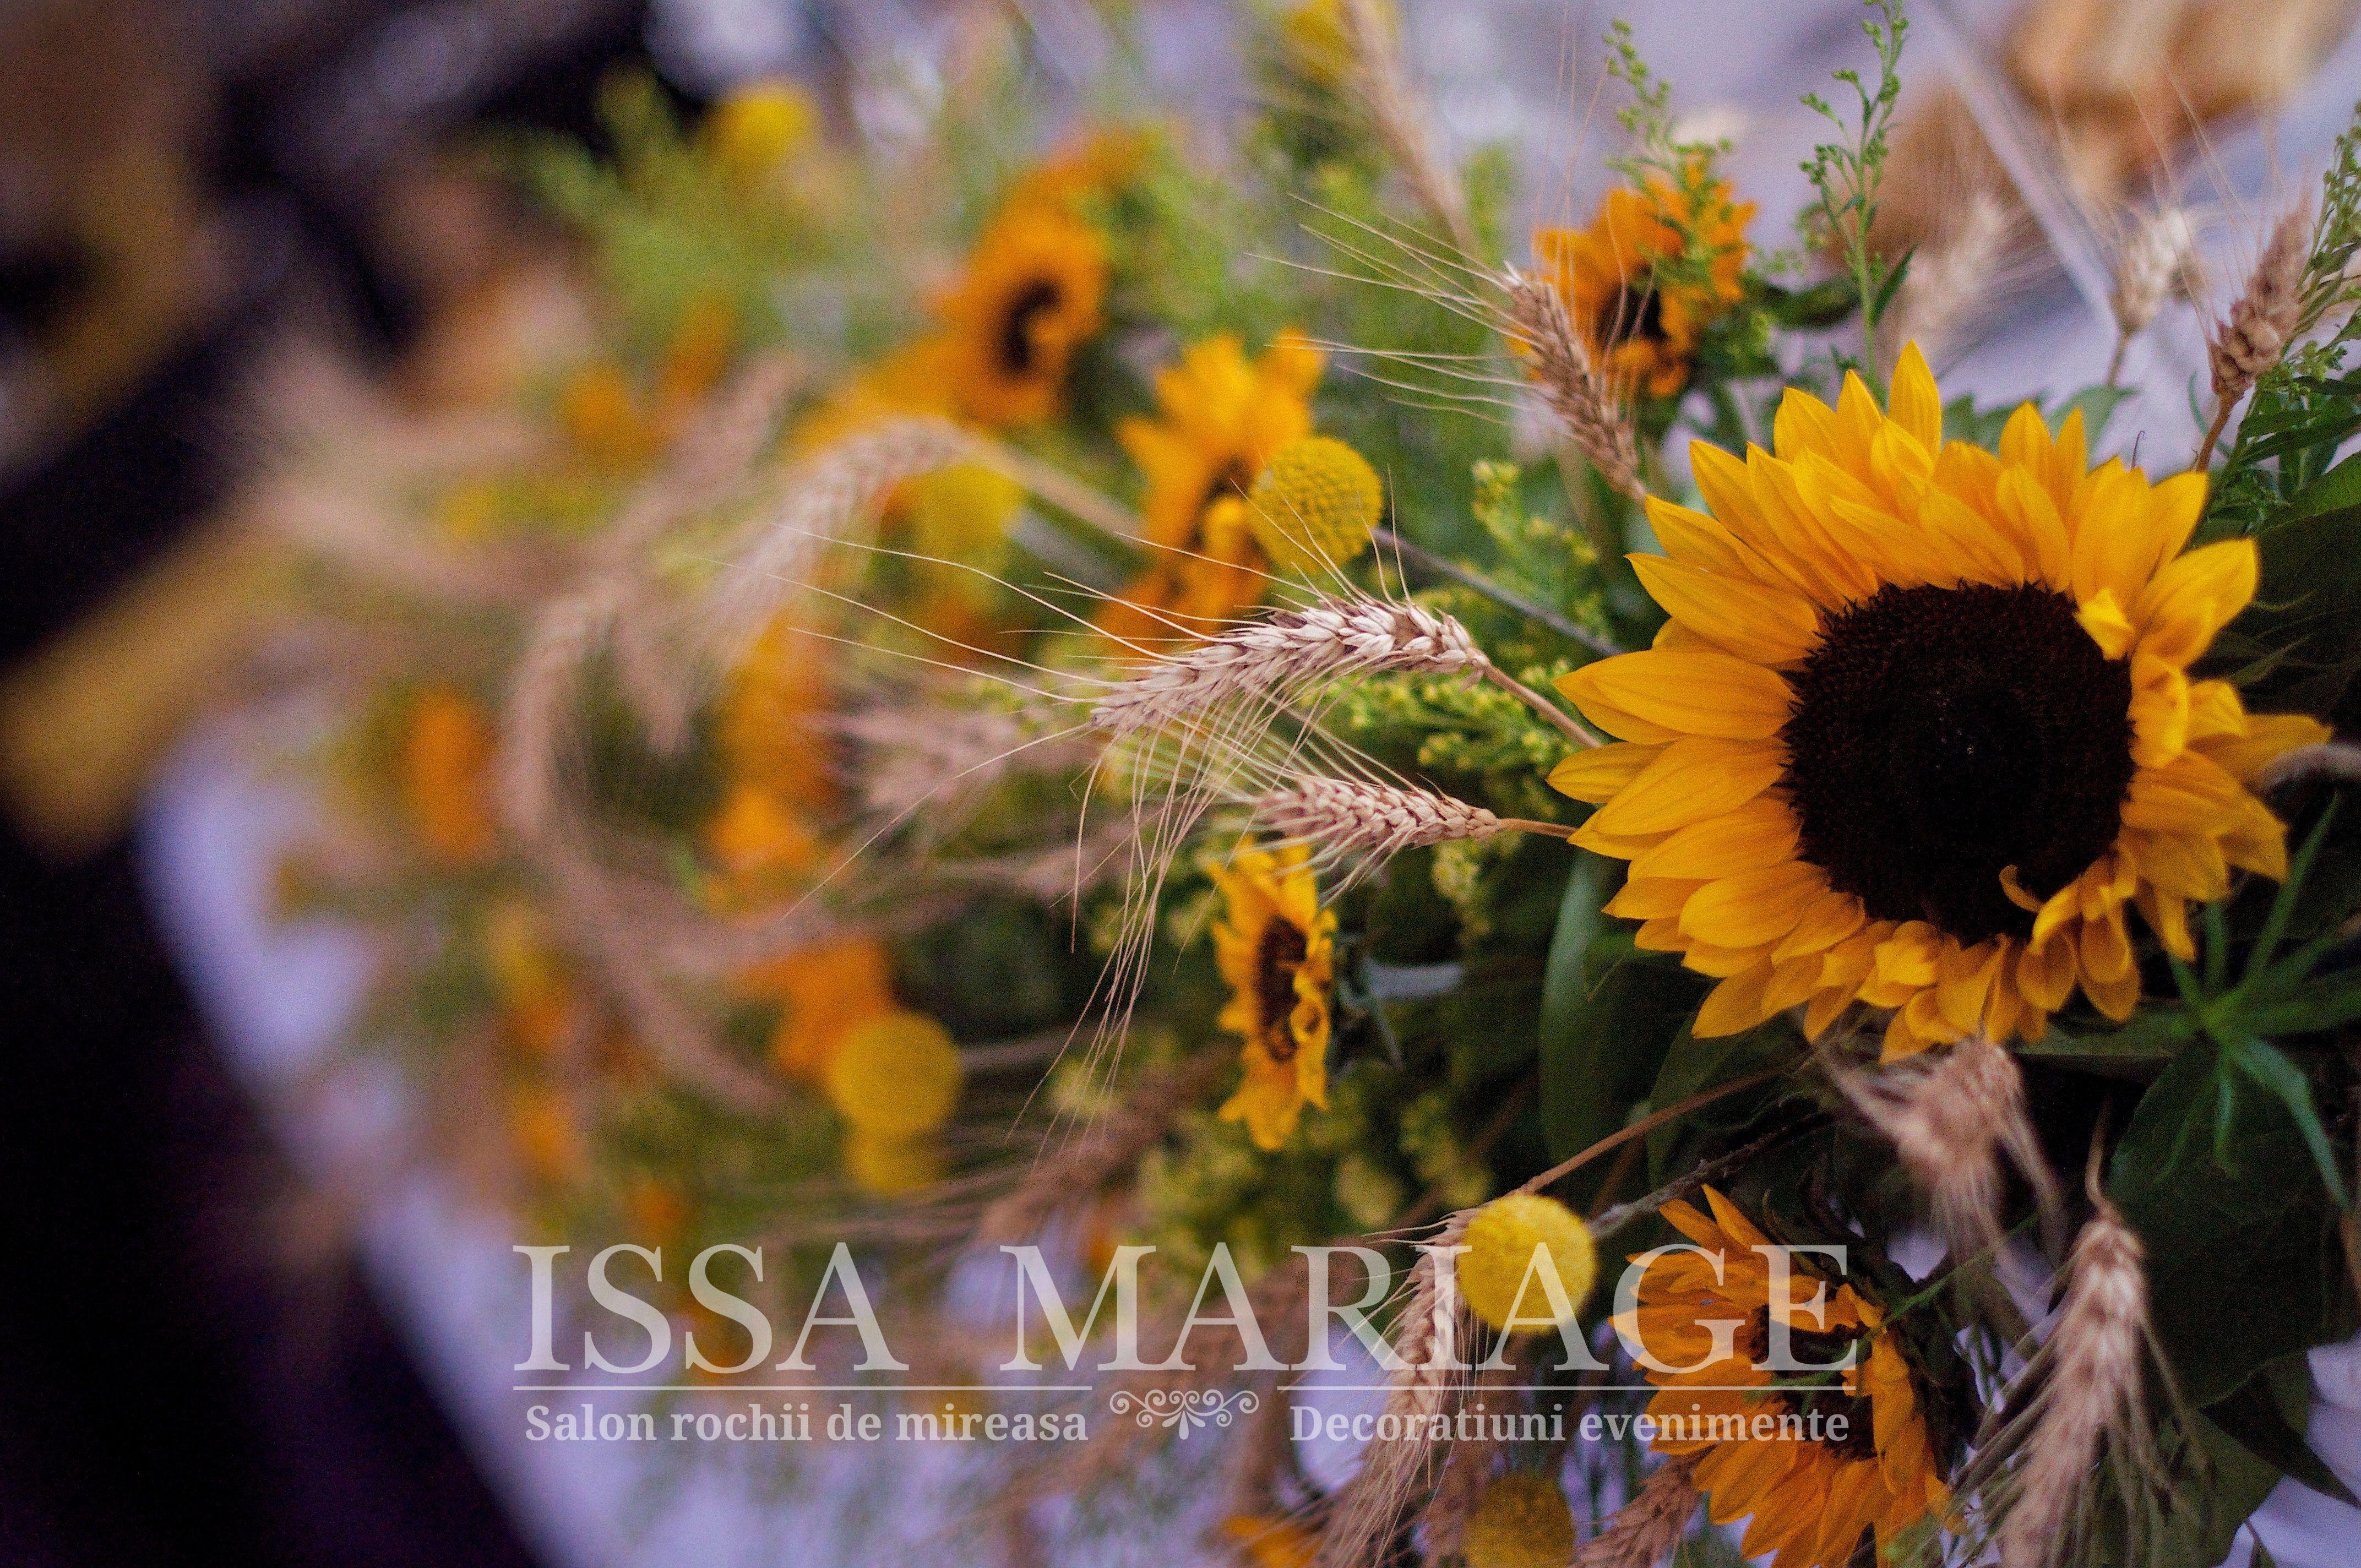 Aranjamente Florale Nunta Floarea Soarelui Aranjamente Nunta